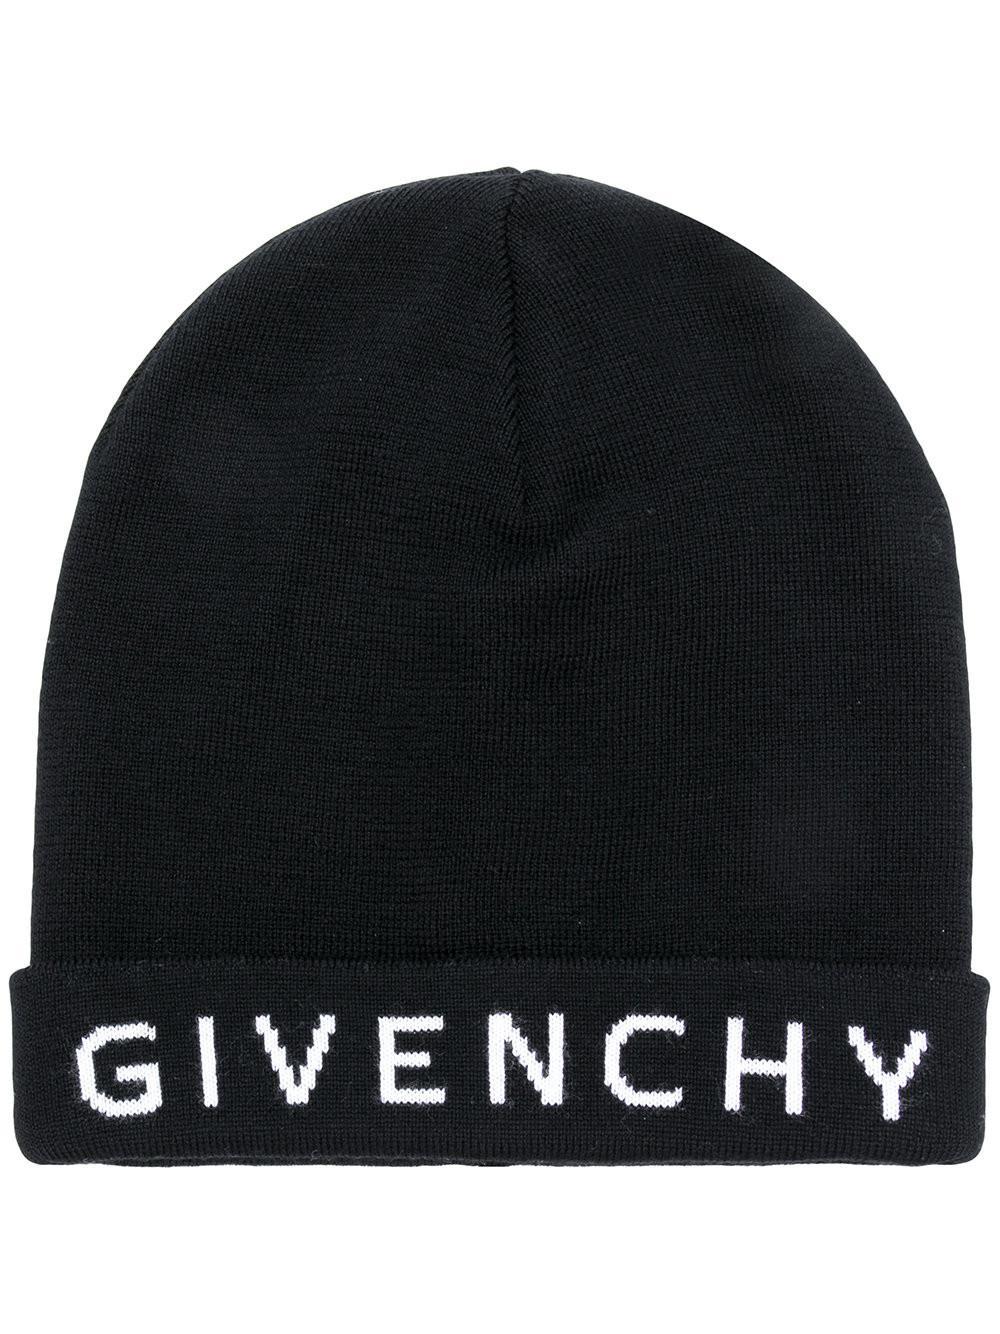 c572e266b5a Givenchy - Black Intarsia Logo Beanie - Lyst. View fullscreen